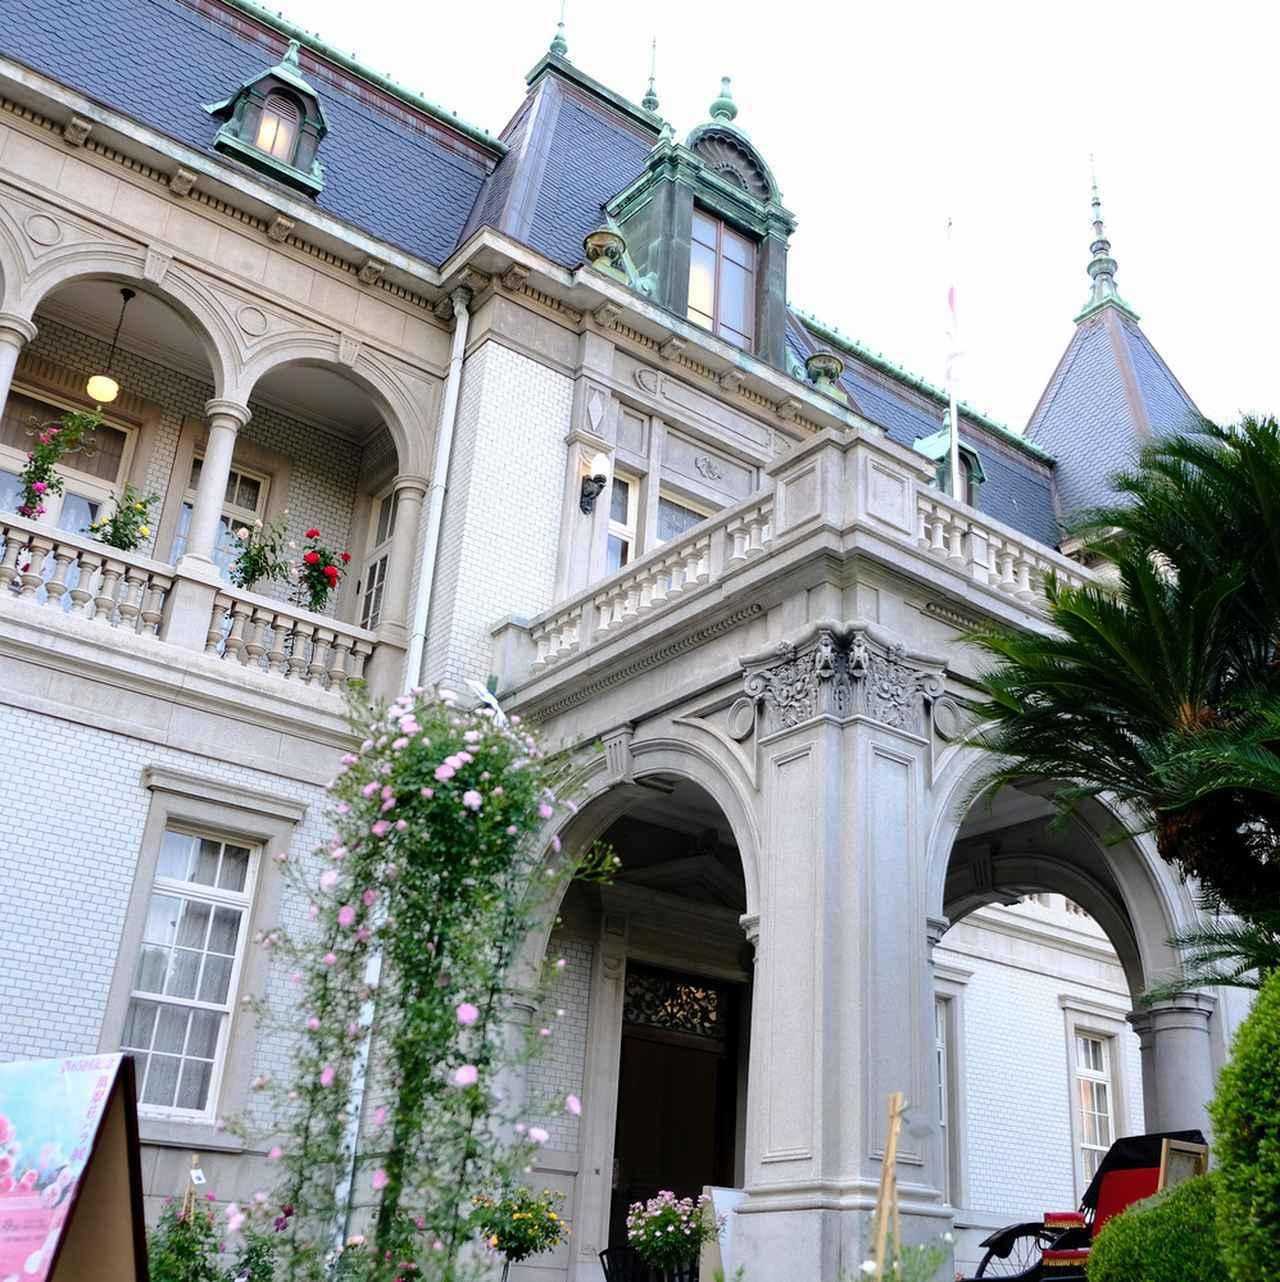 画像: 建築家・木子七郎が残した建物。洋風建築で外観にも内装にも美しい装飾が施されています。